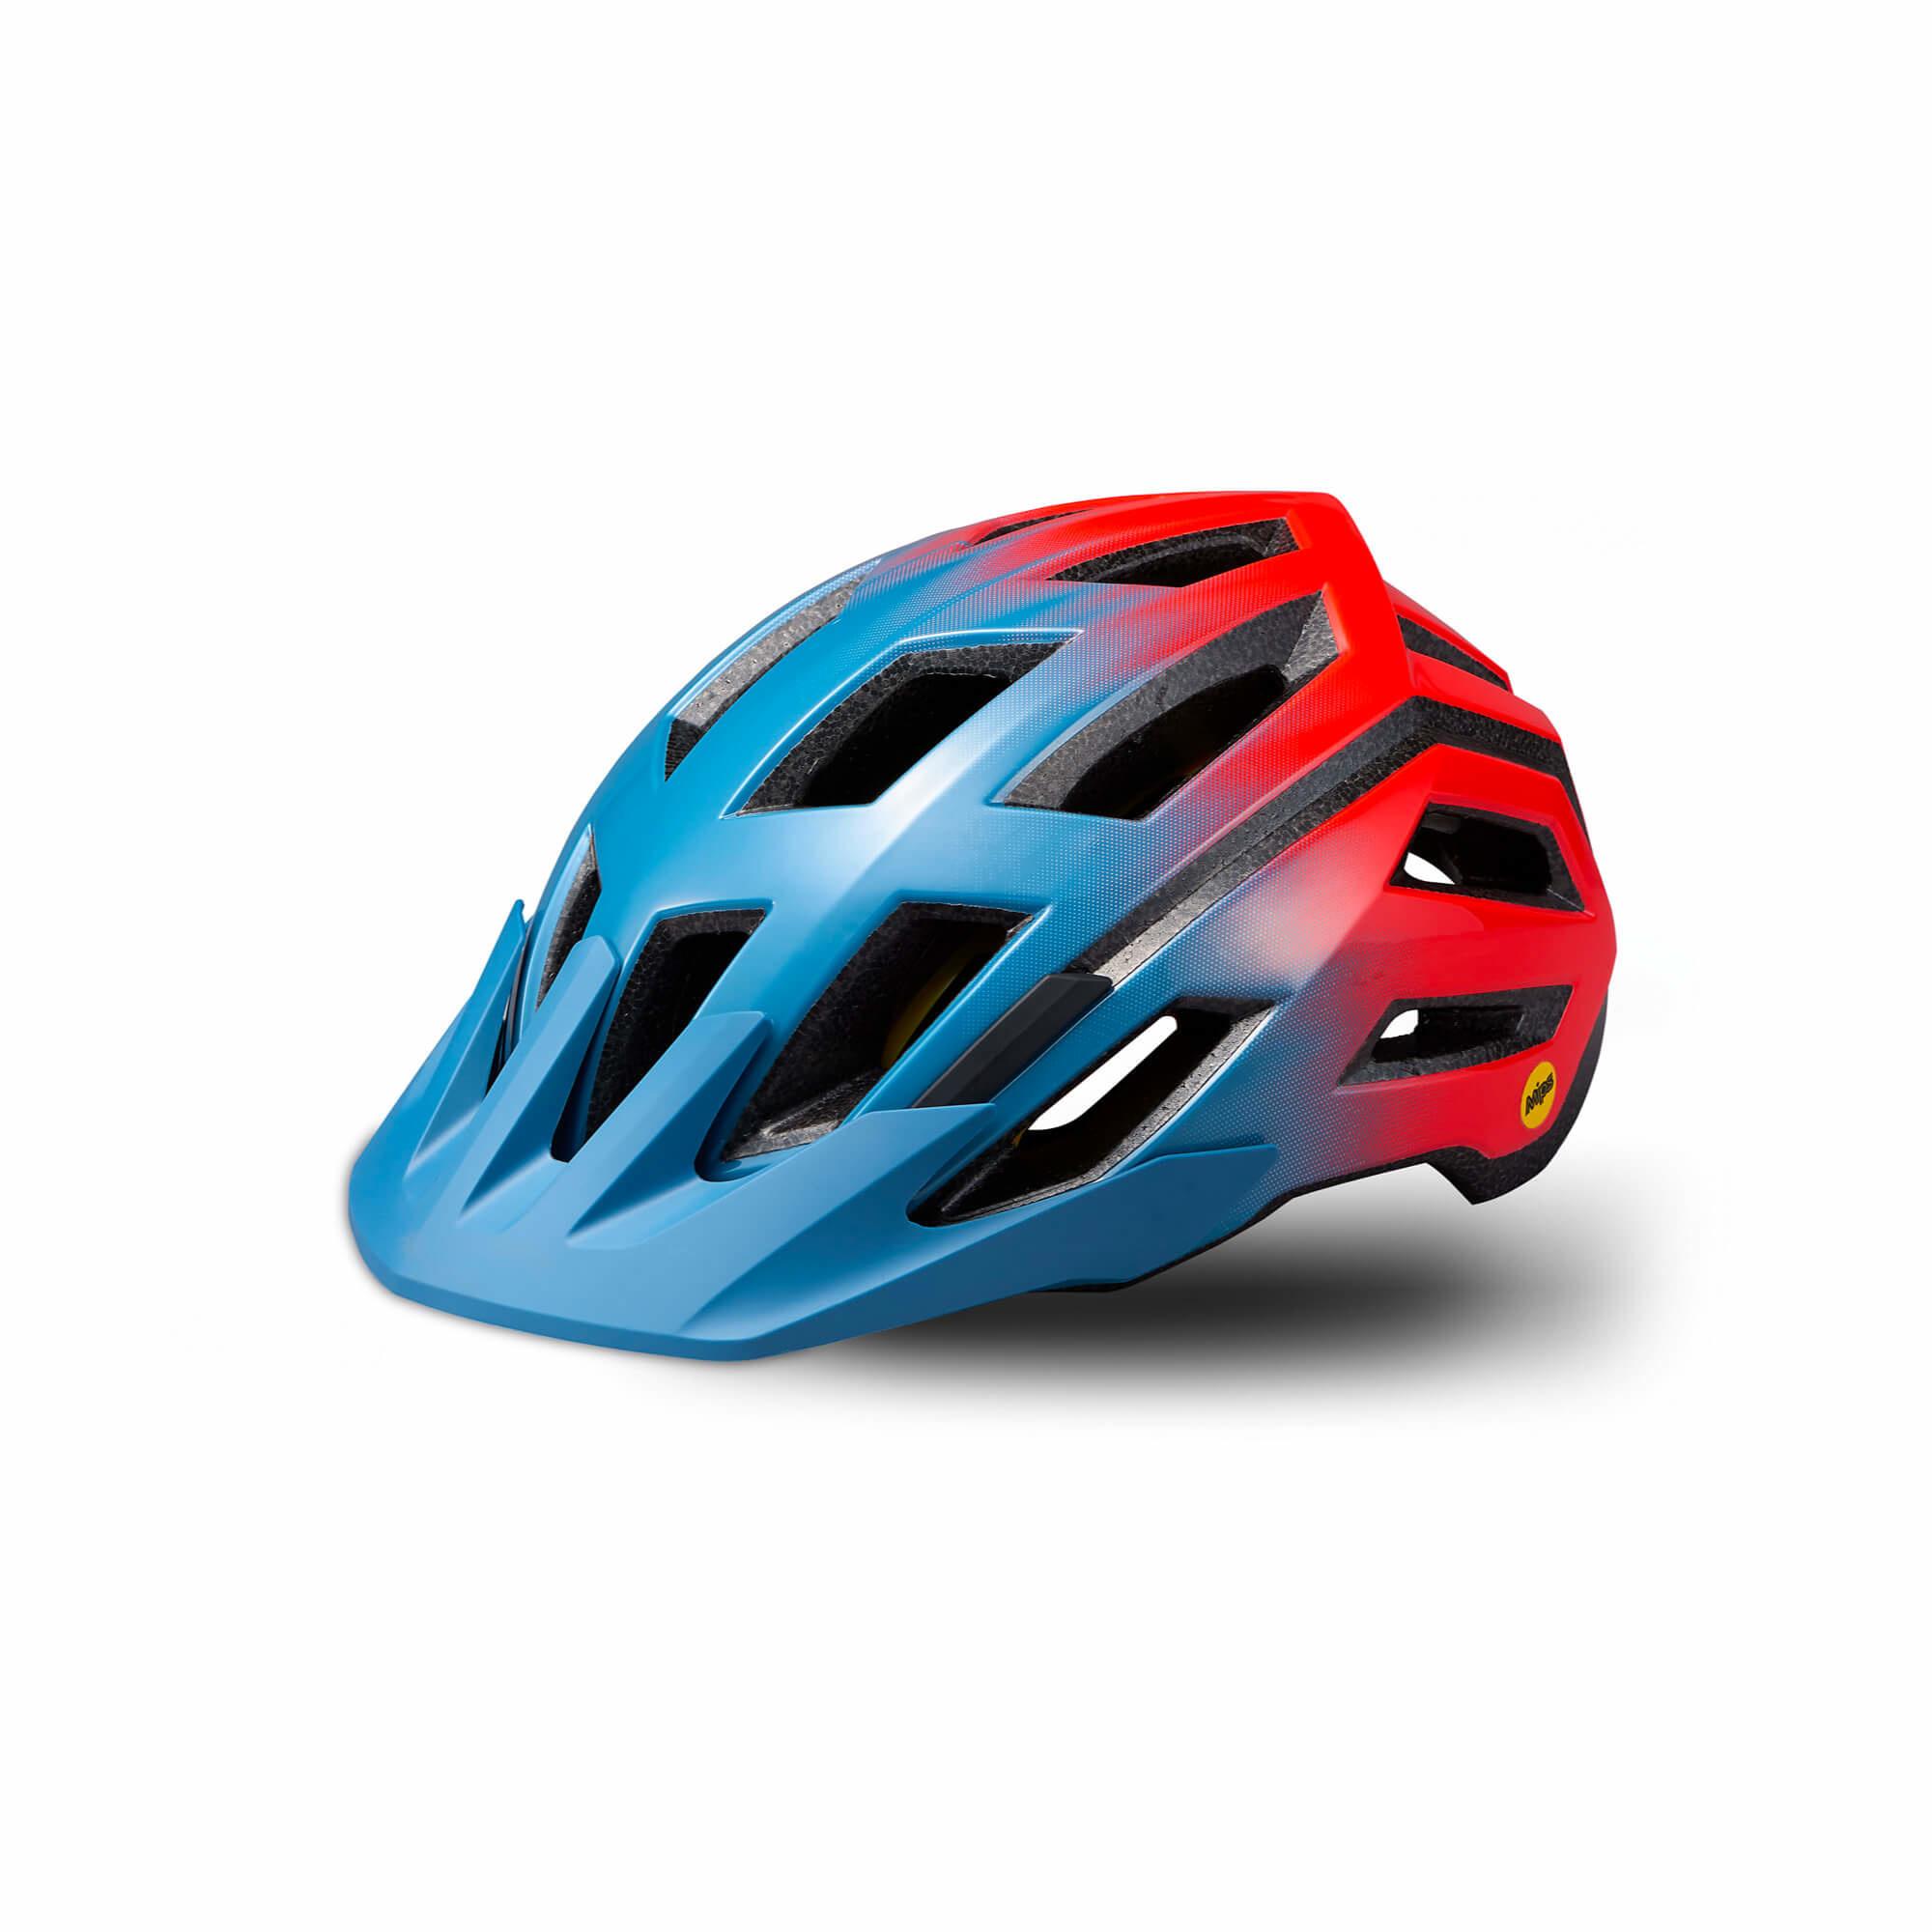 Tactic 3 Helmet Mips-6